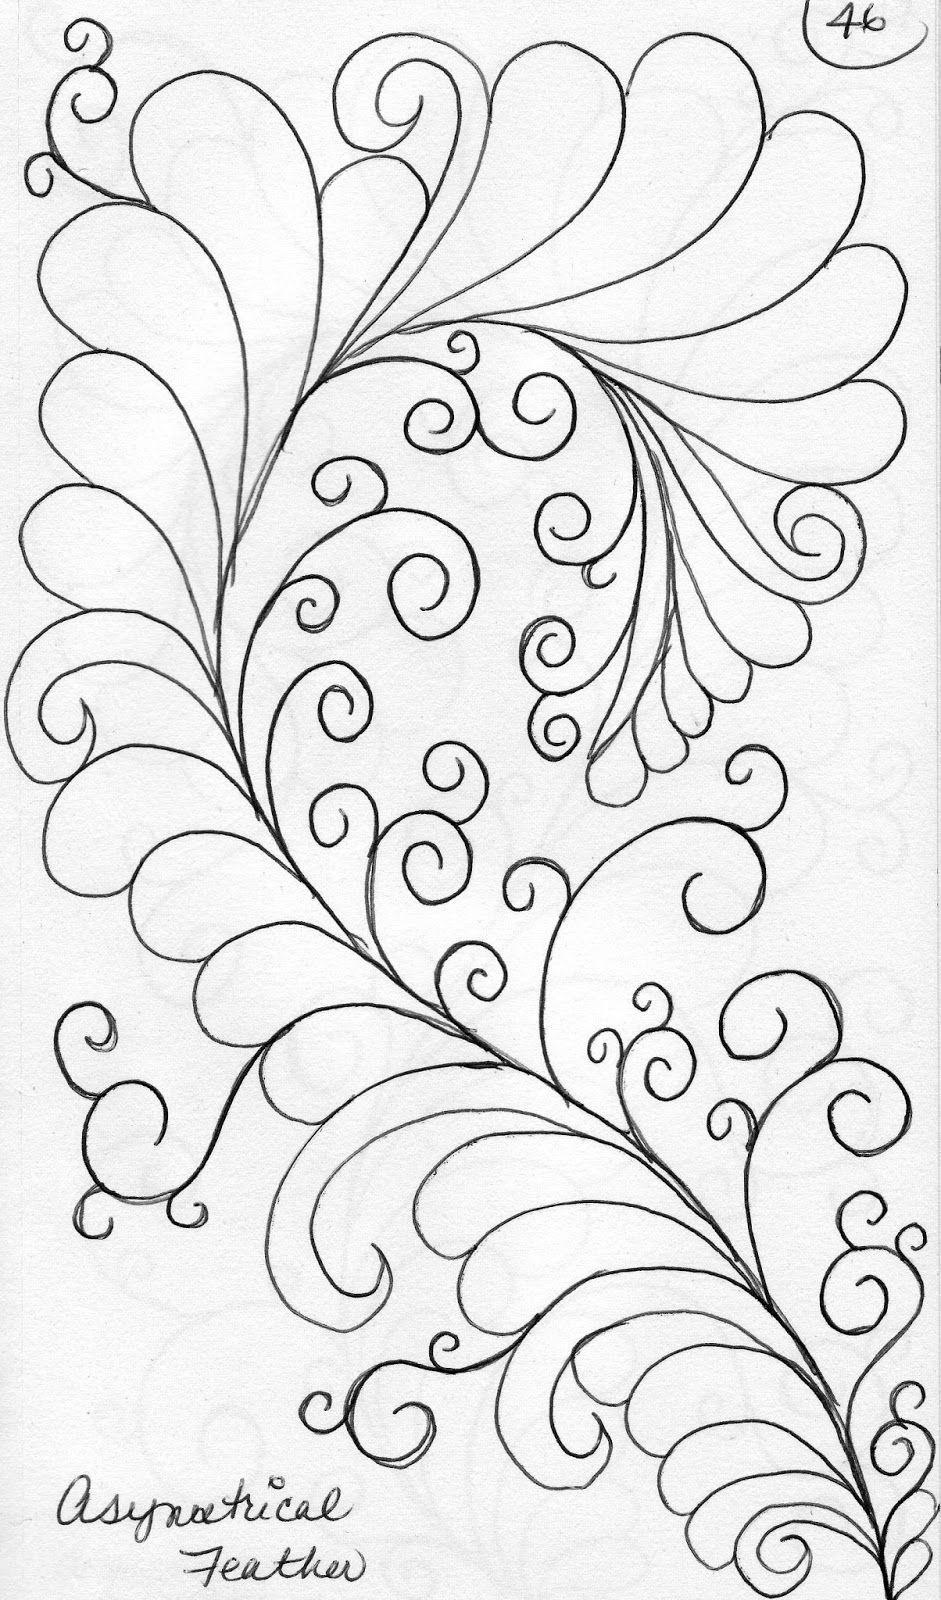 Pin de Monica Ortiz en Cerámica | Pinterest | Bordado, Repujado y ...